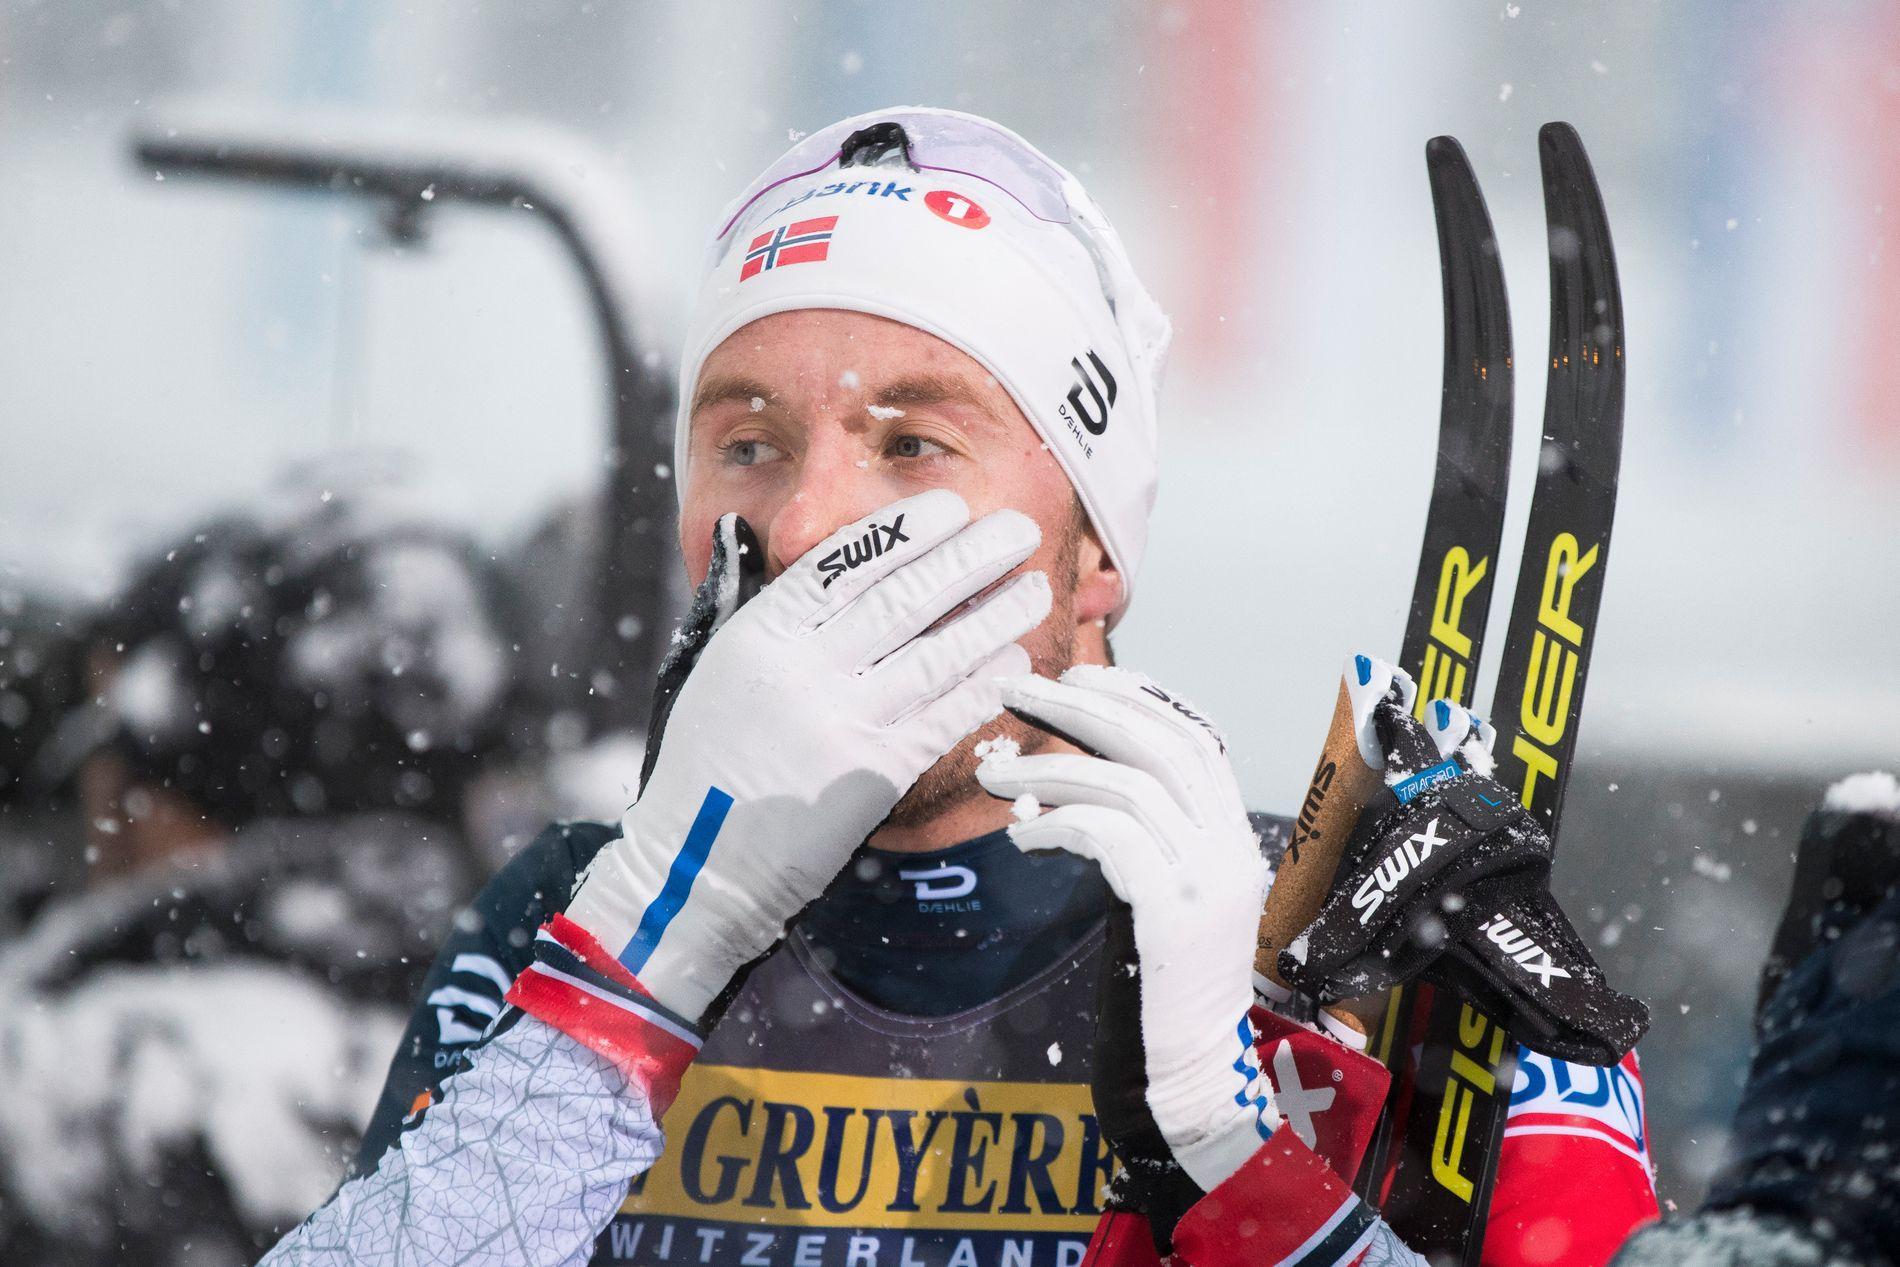 REISER HJEM: Emil Iversen vant gårsdagens etappe, men reiser hjem selv om han lå på 3. plass i sammendraget etter etappen.